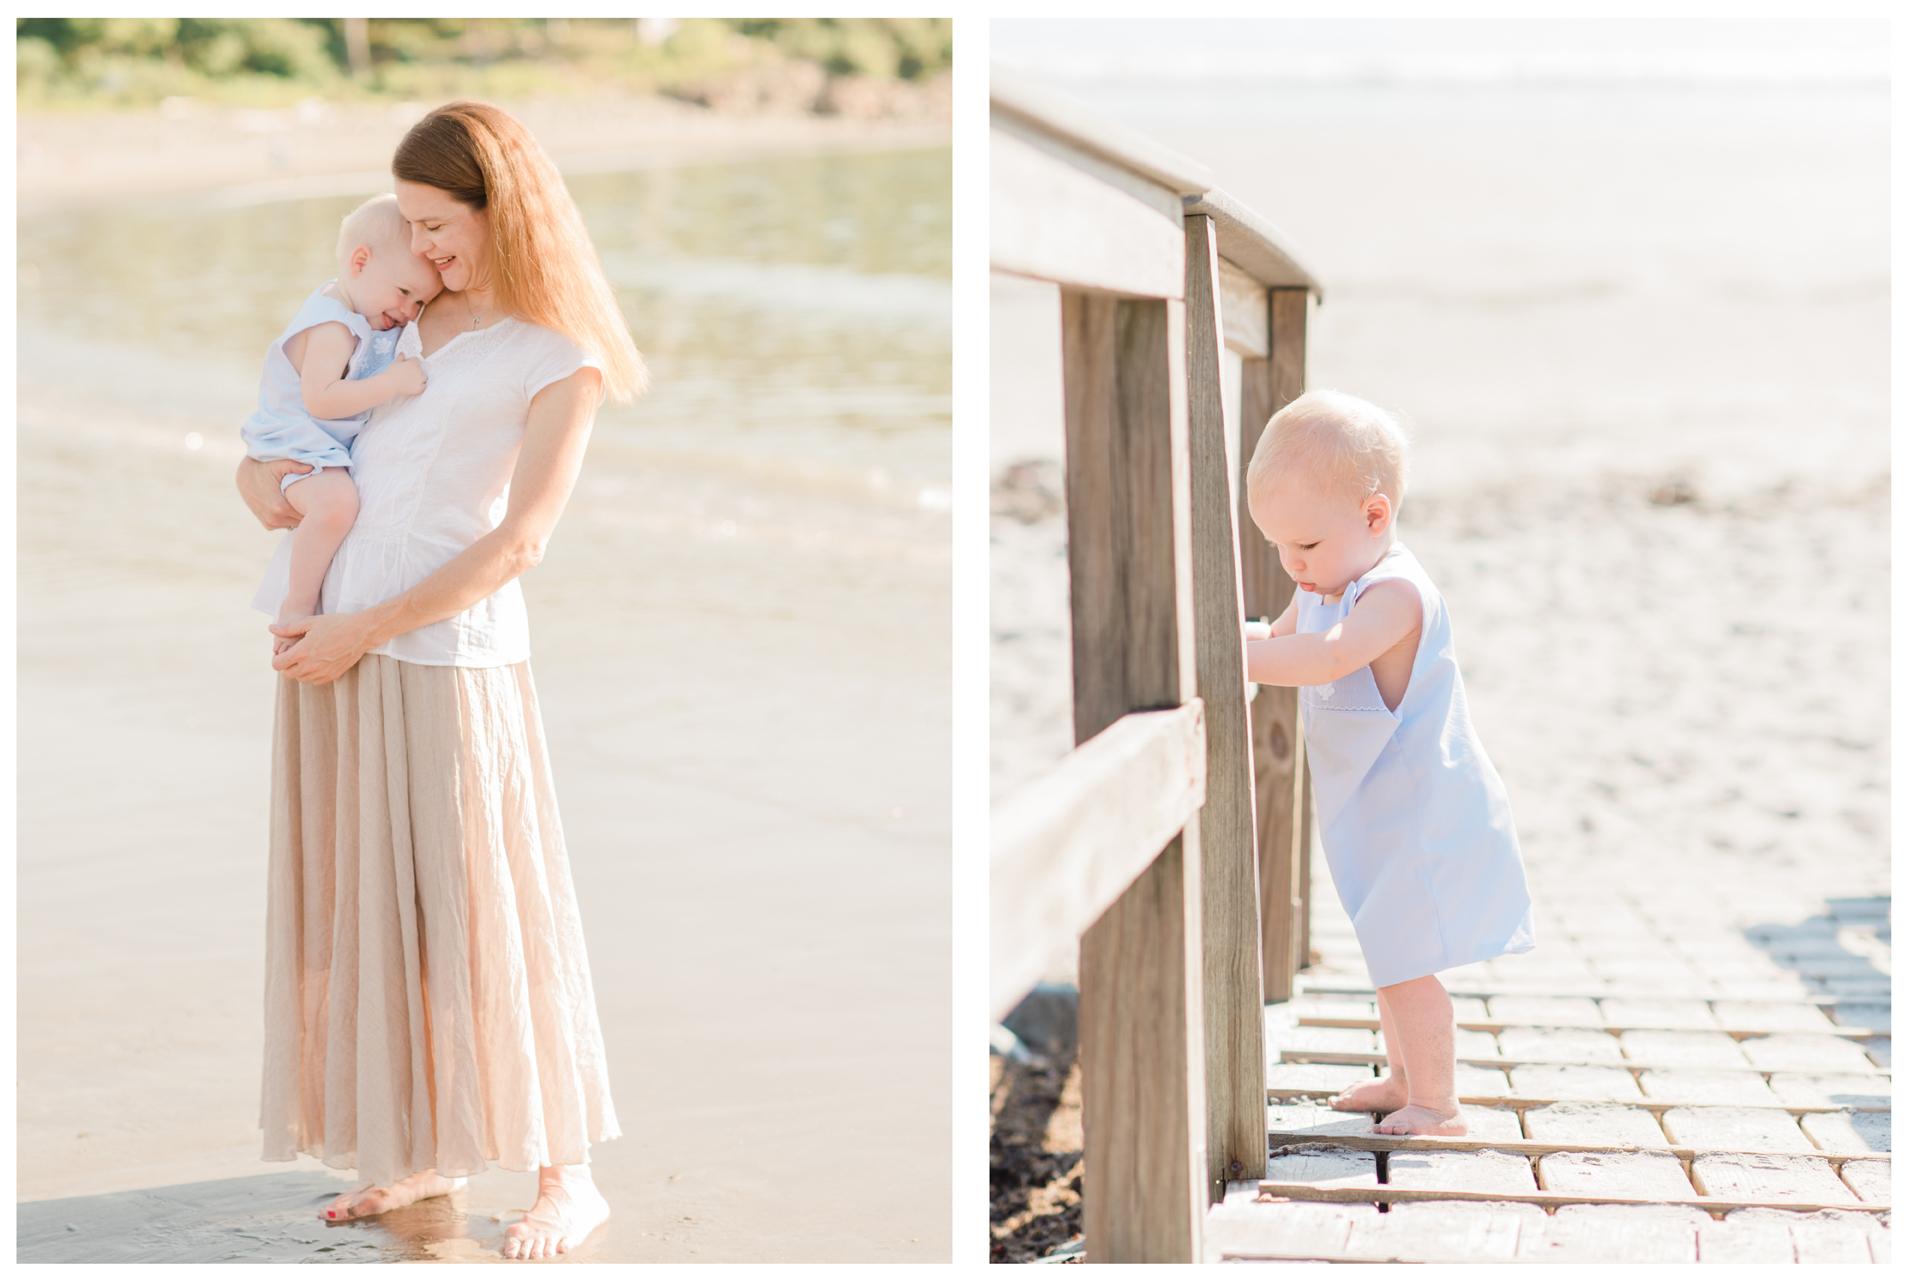 Family-Photographer-Sweet-Light-Portraits82.jpg